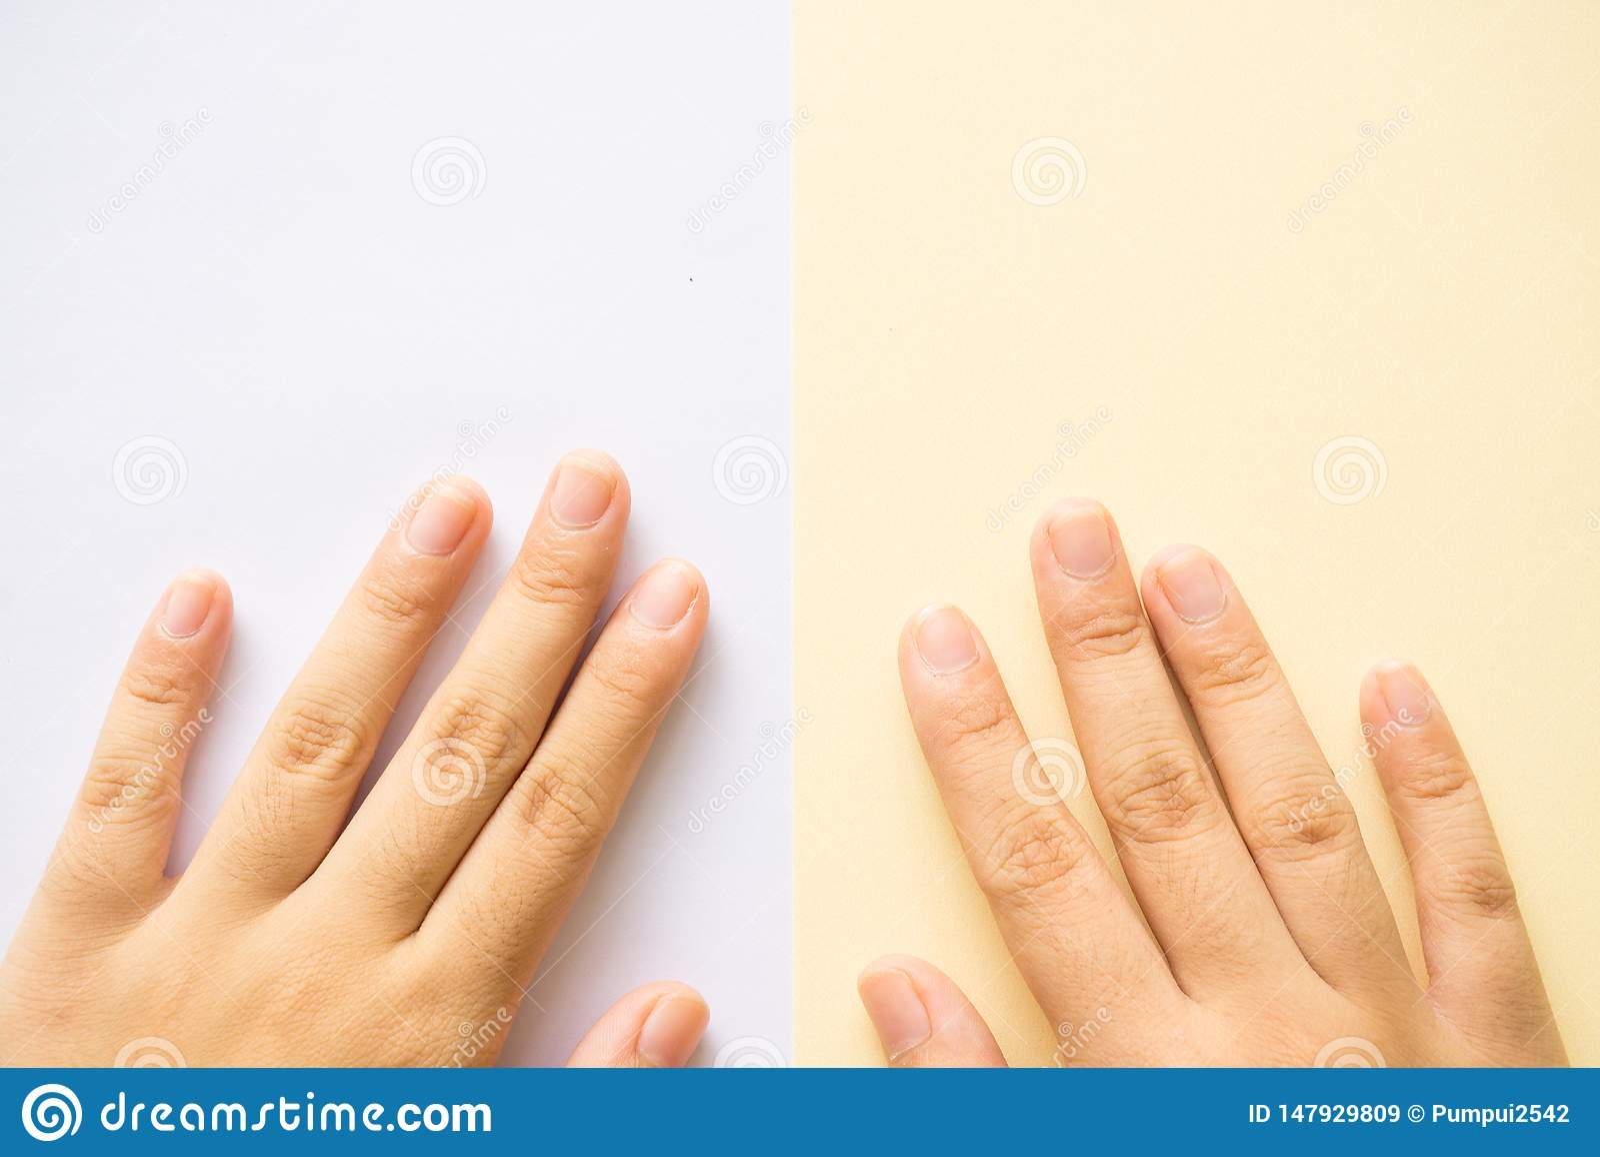 Main sur le fond blanc et le fond jaune